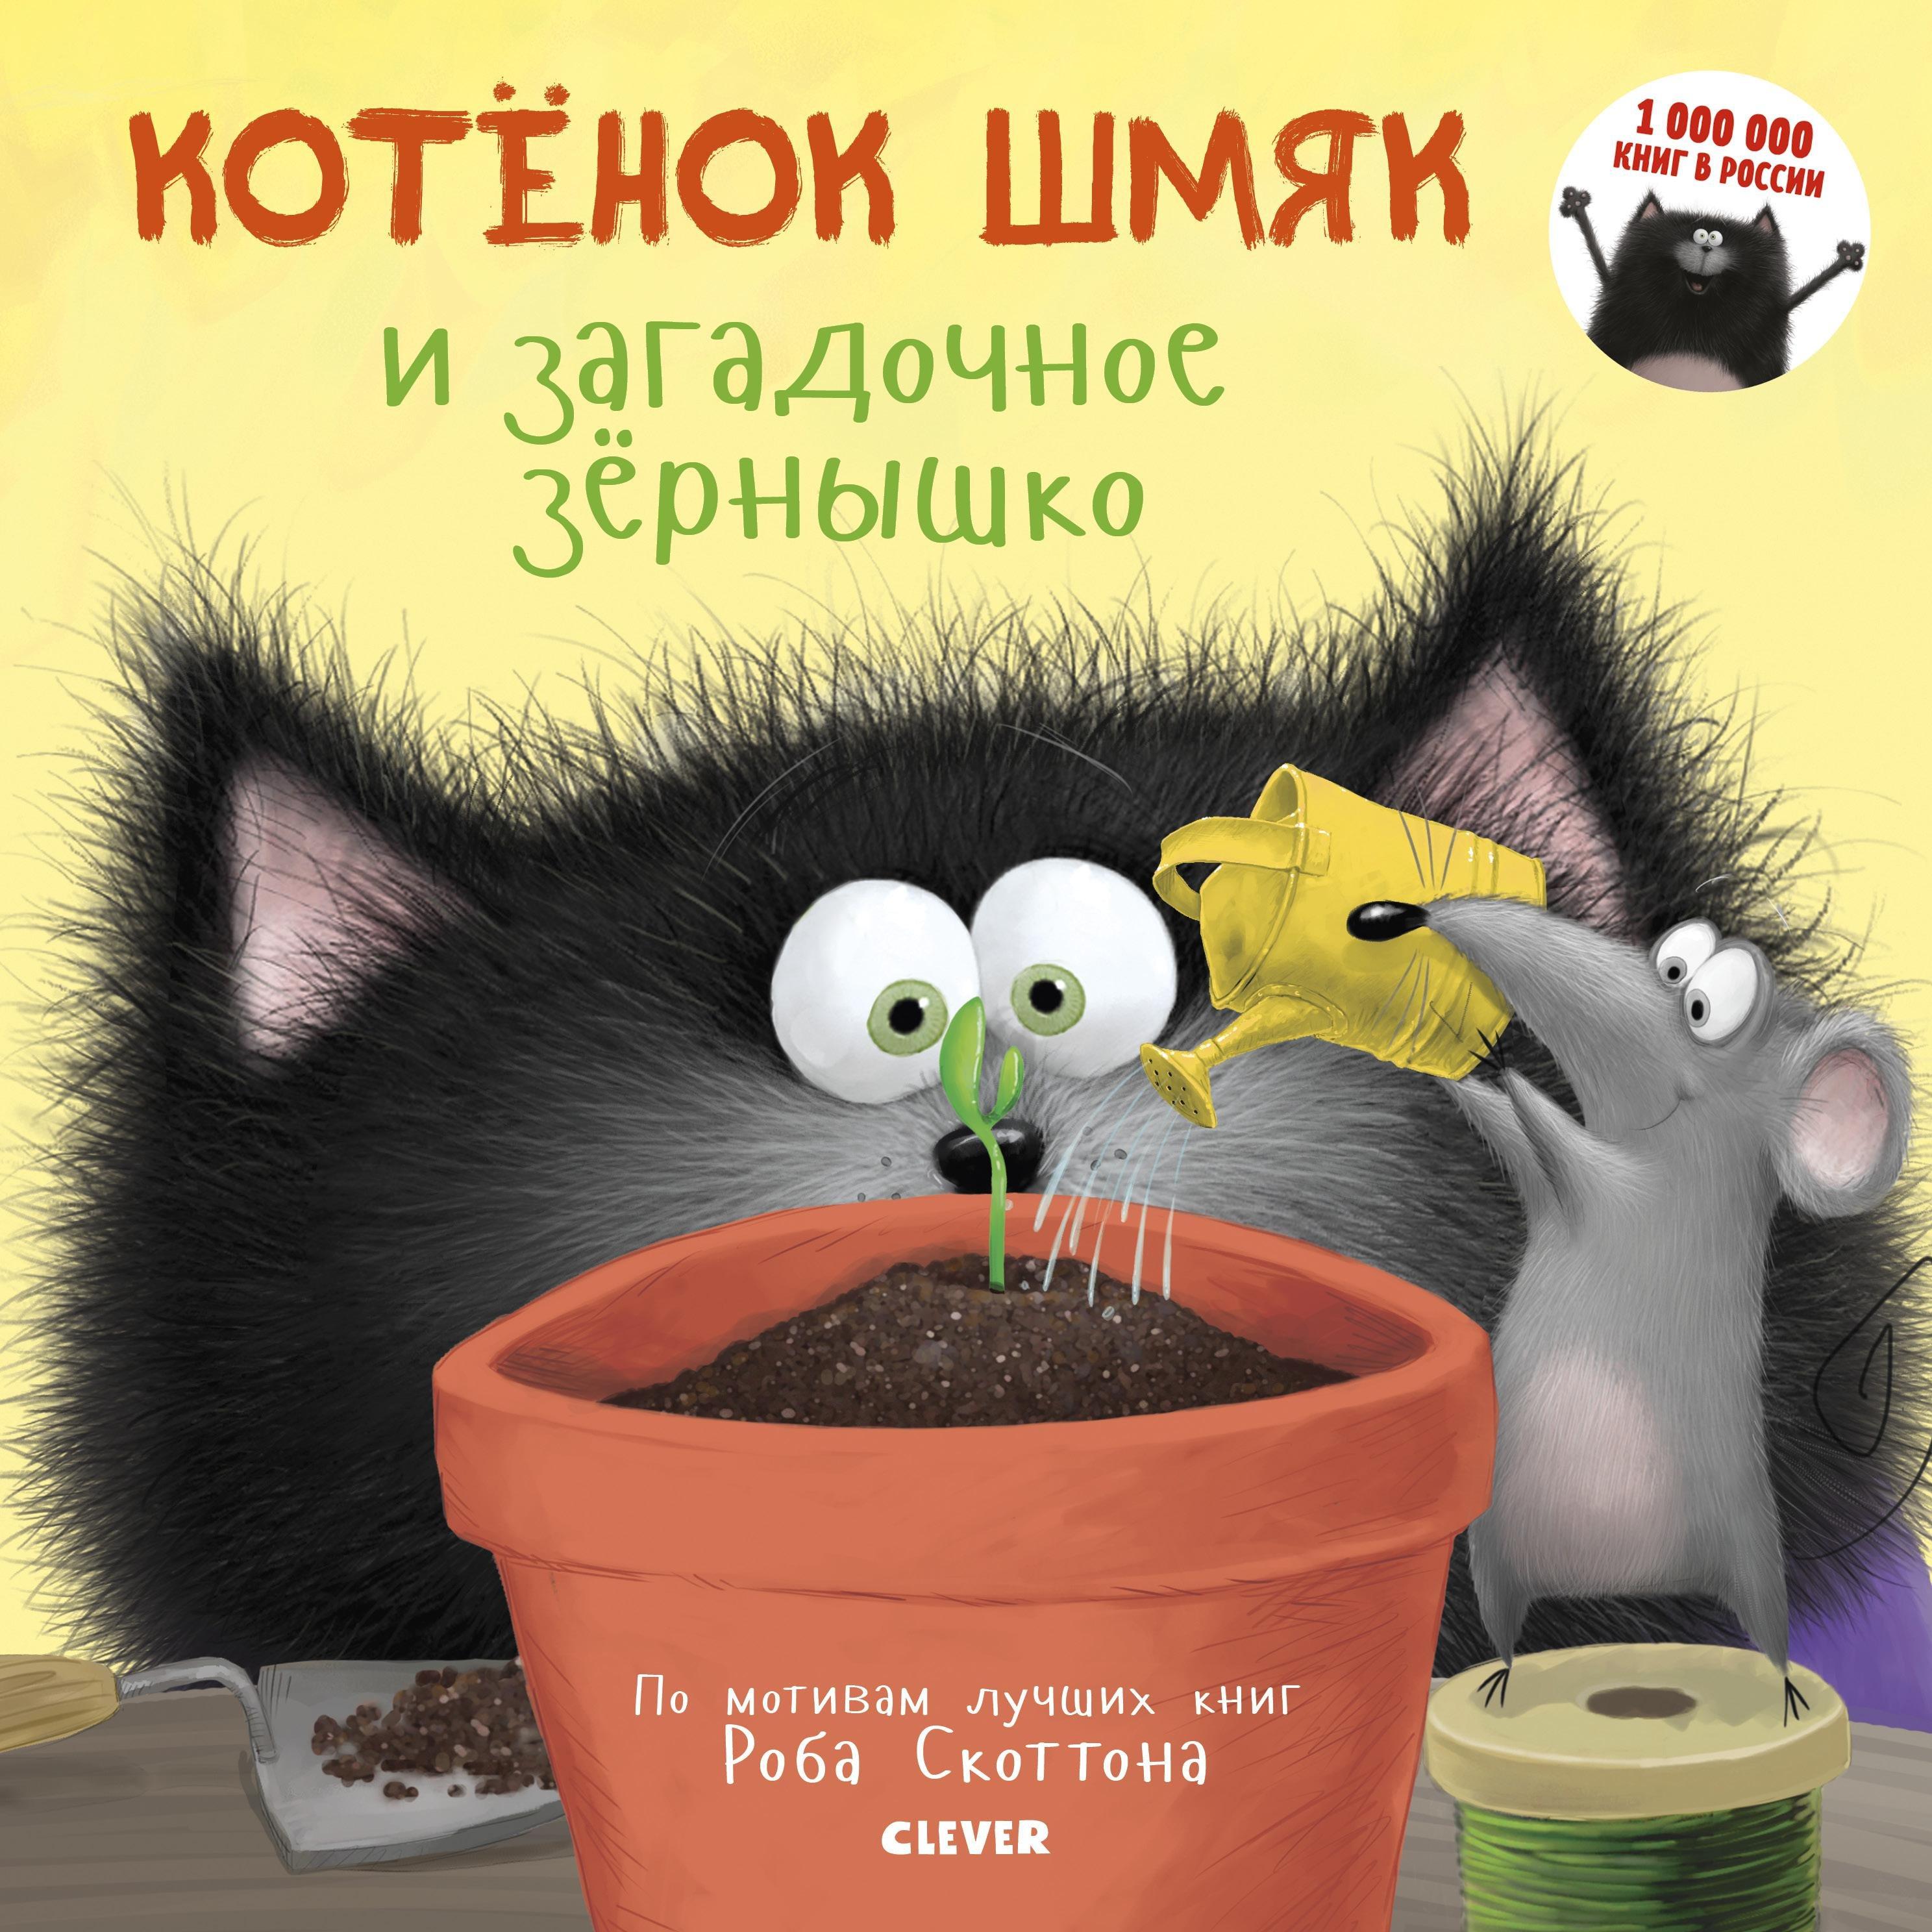 Брайт Пол Котенок Шмяк и загадочное зернышко обучающие книги clever р скоттон котенок шмяк и загадочное зернышко